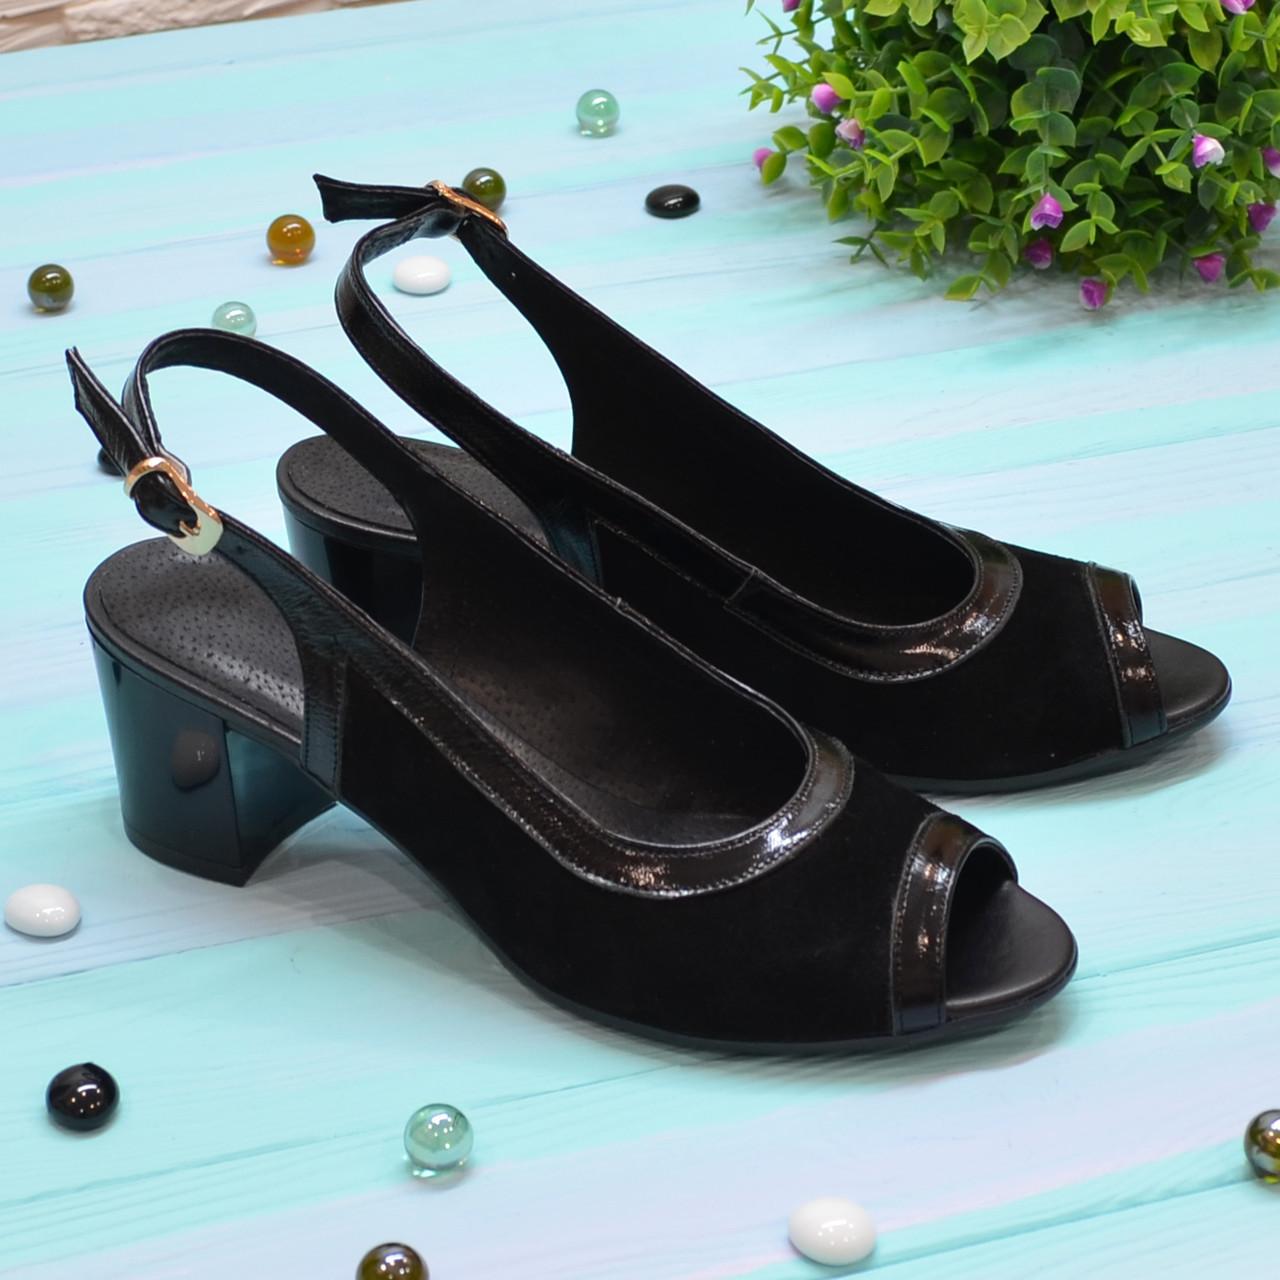 Босоножки замшевые женские Vasha Para 1333 38 цвет черный